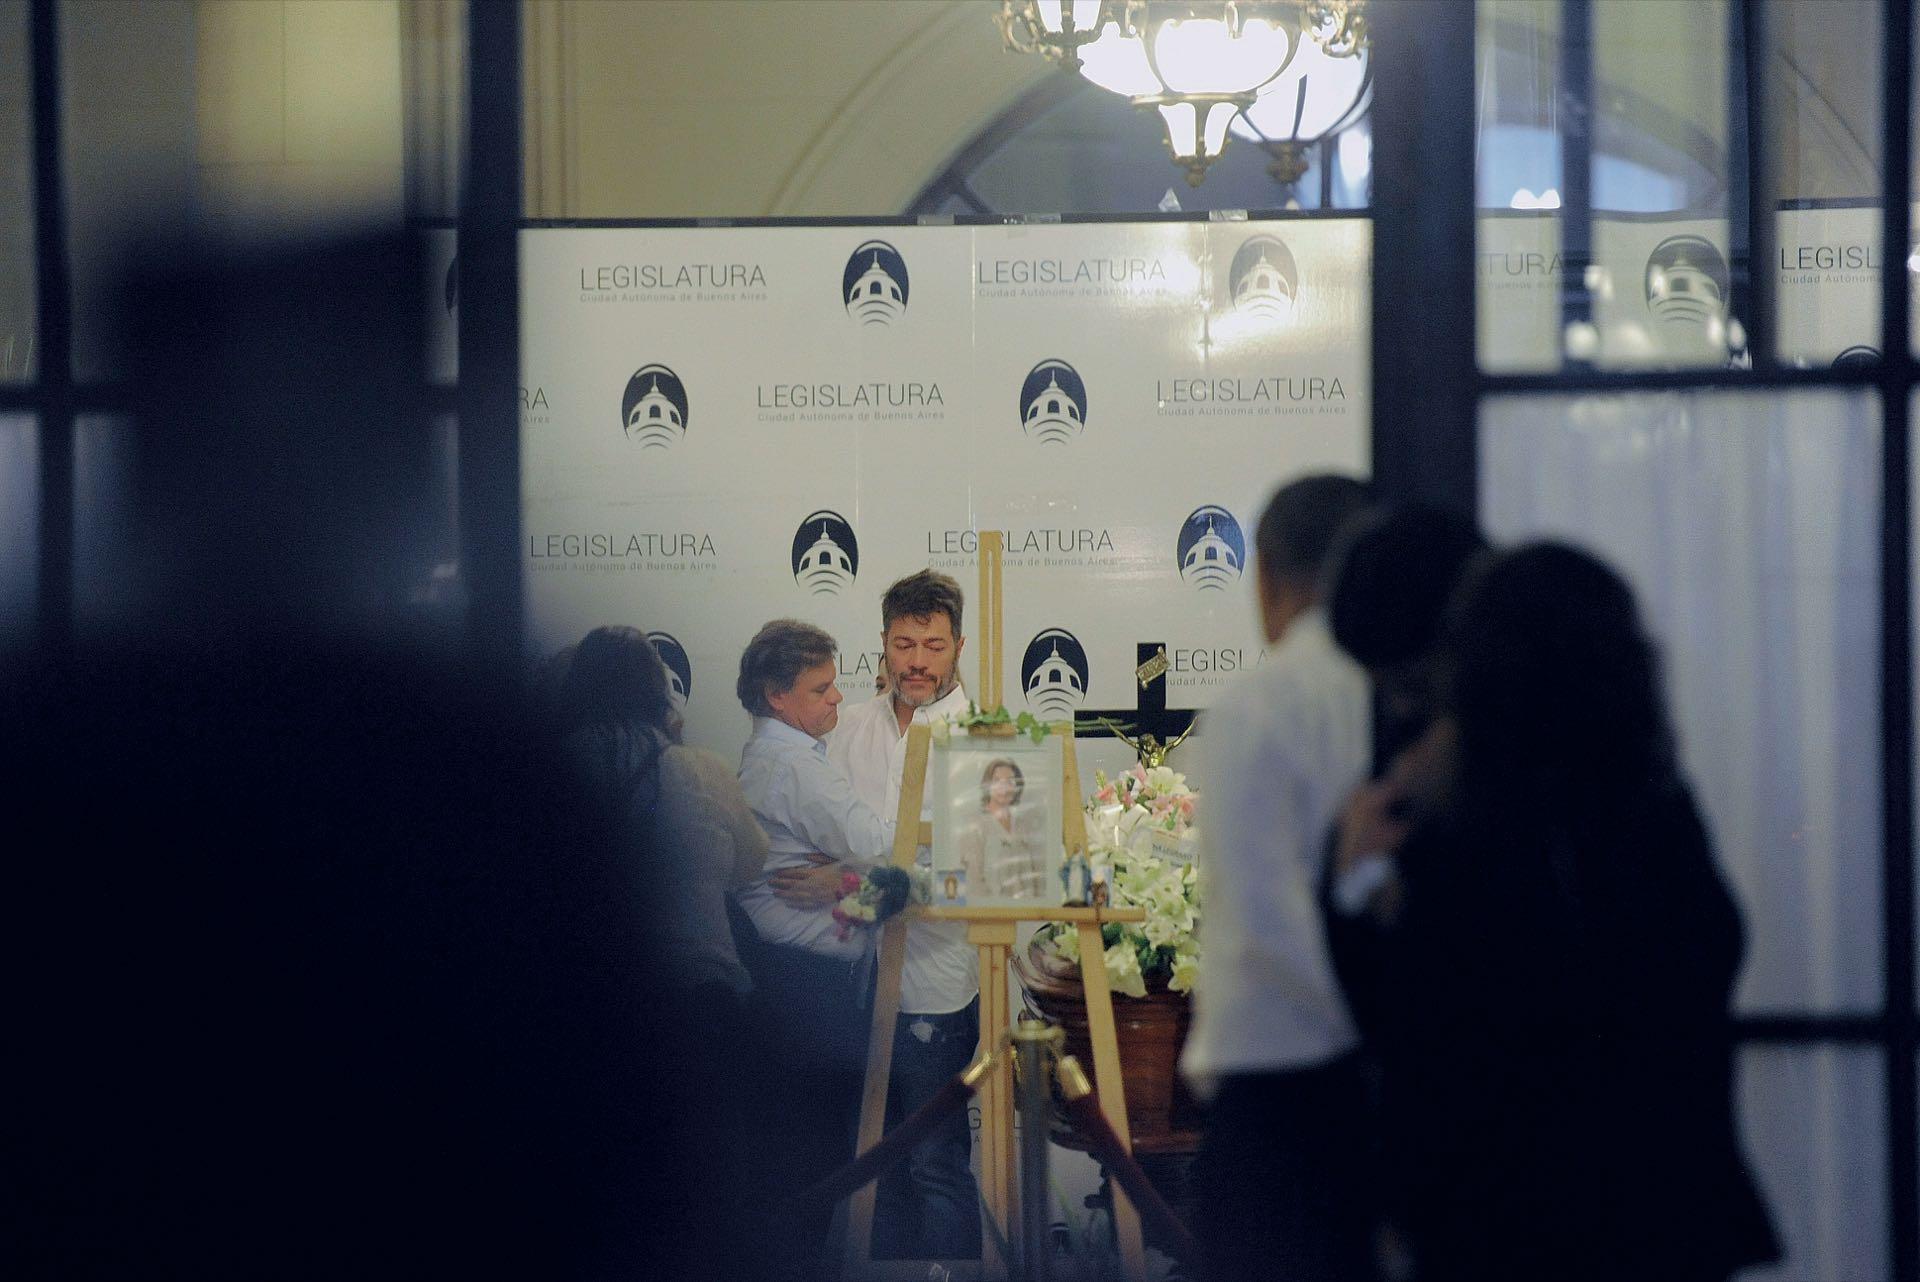 Quique y Marcelo siempre estuvieron juntos en el velorio de la Legislatura, donde asistieron más de 5.000 personas (Fotos: Enrique García Medina y Maxi Vernazza/GENTE)